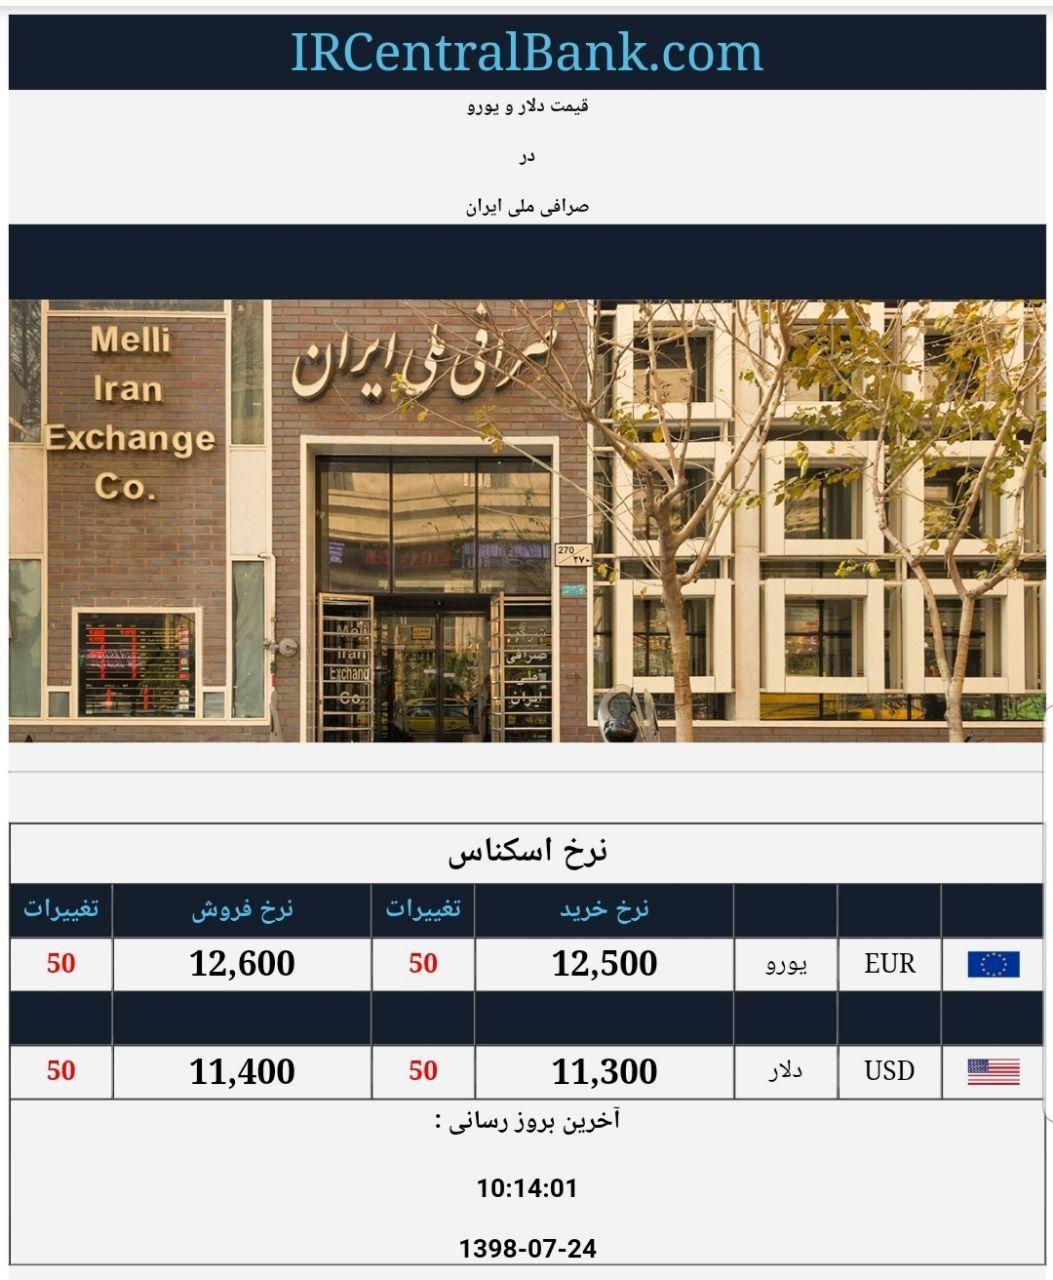 قیمت دلار و یورو در صرافی ملی امروز ۱۳۹۸/۰۷/۲۴